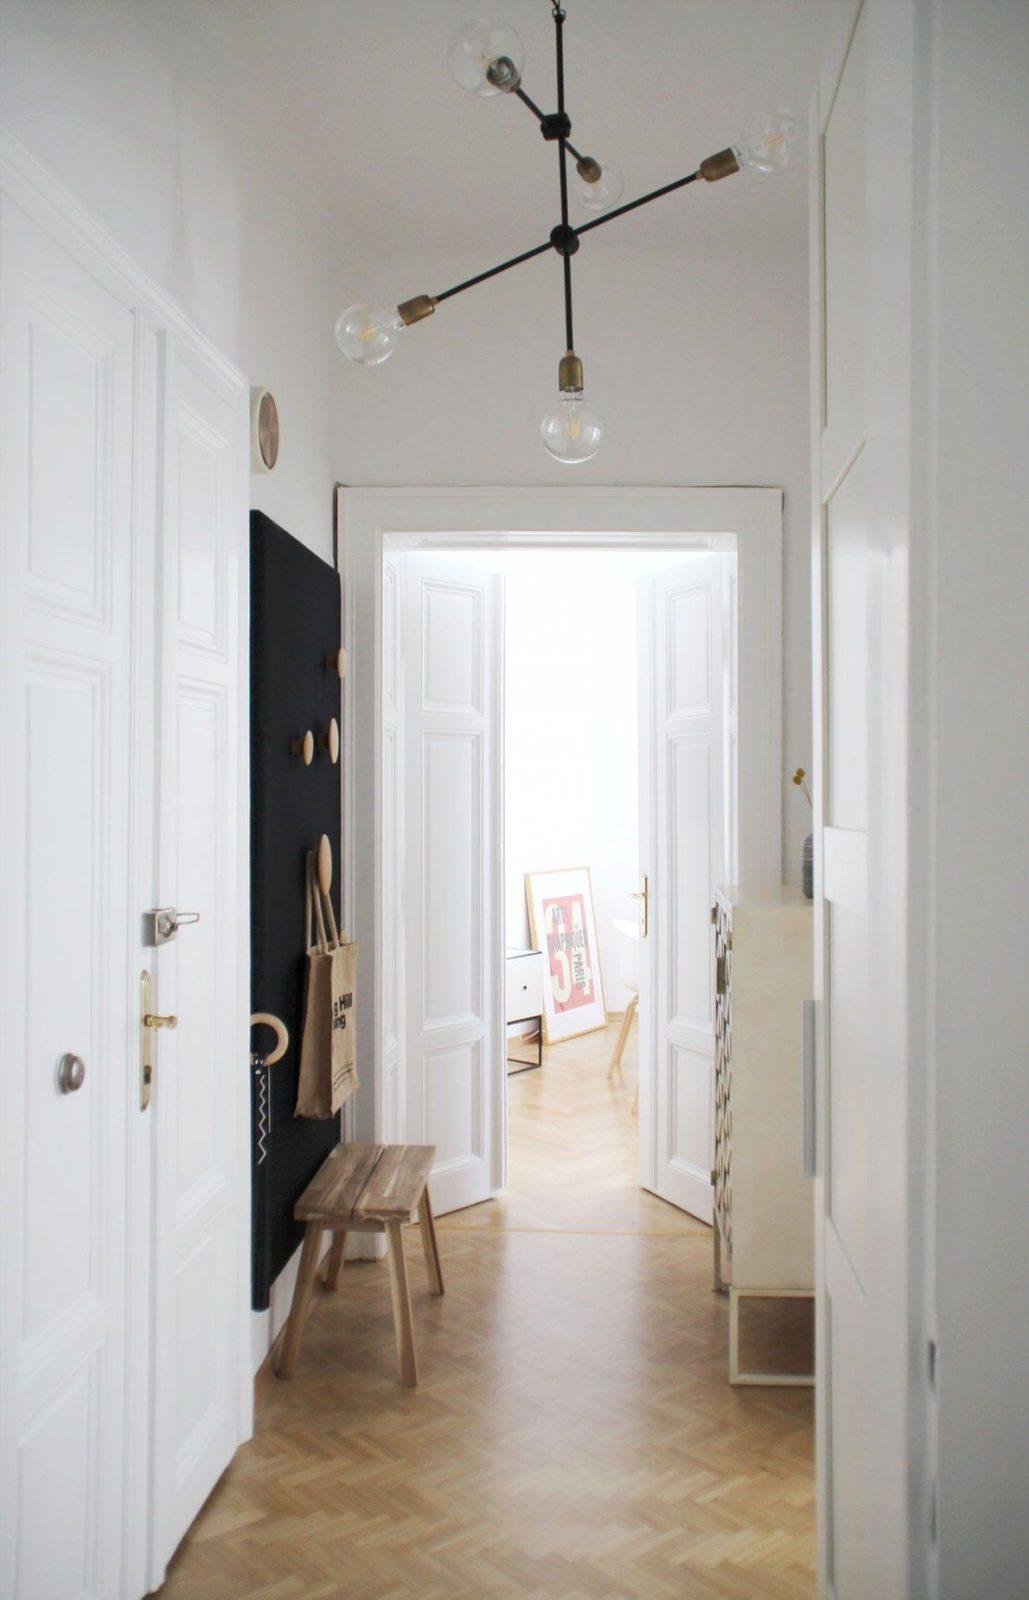 Die Schönsten Ideen Für Deinen Flur von Wandgestaltung Flur Mit Treppe Bild